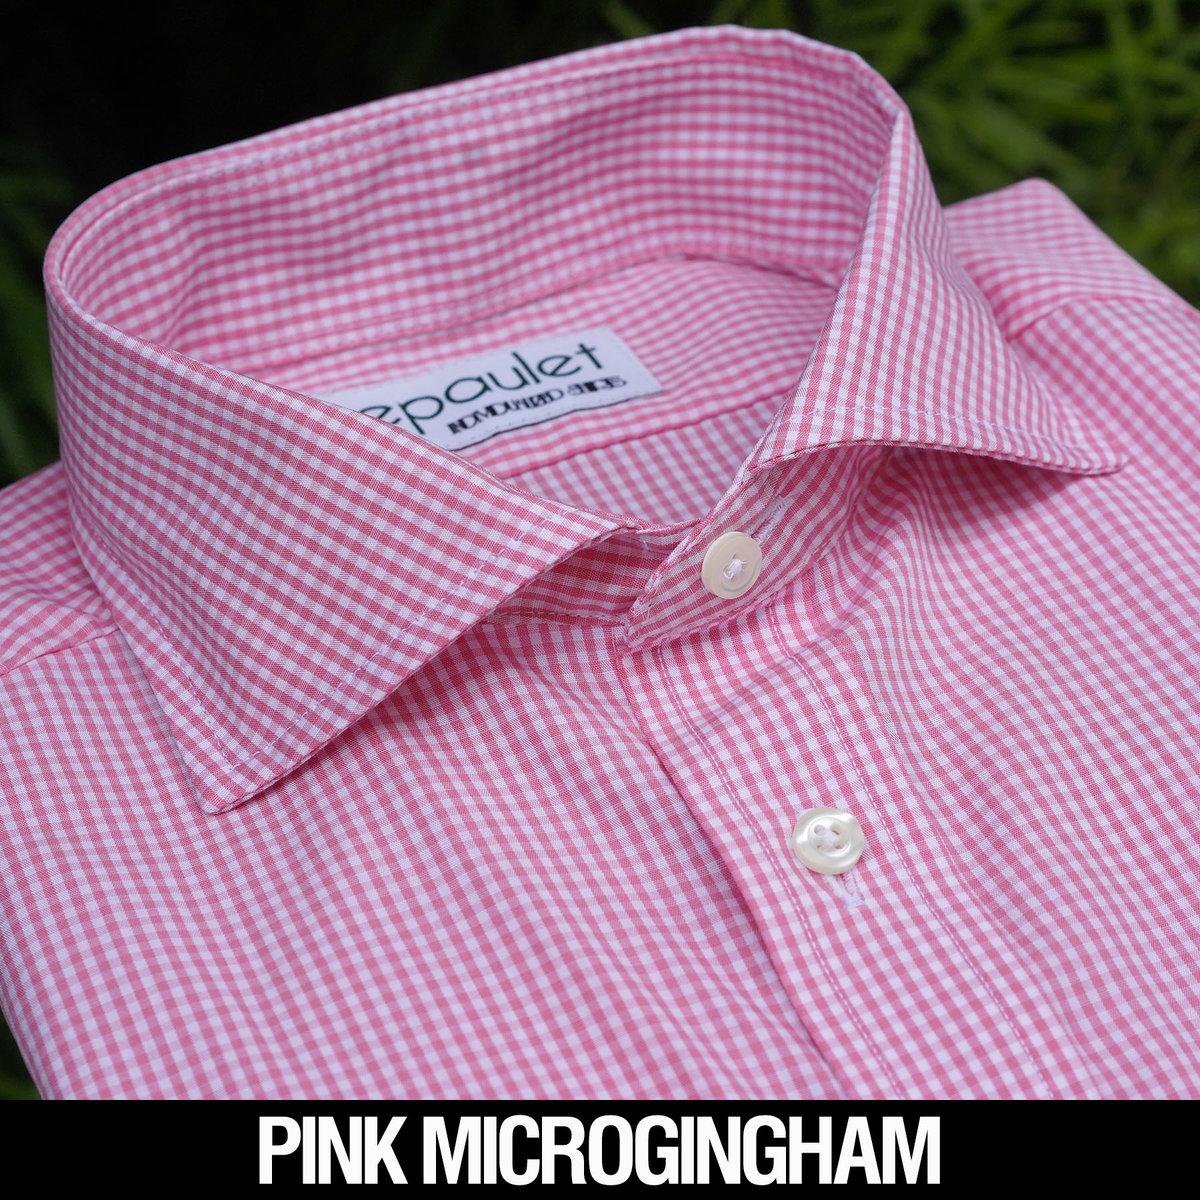 Pink Microgingham.jpg